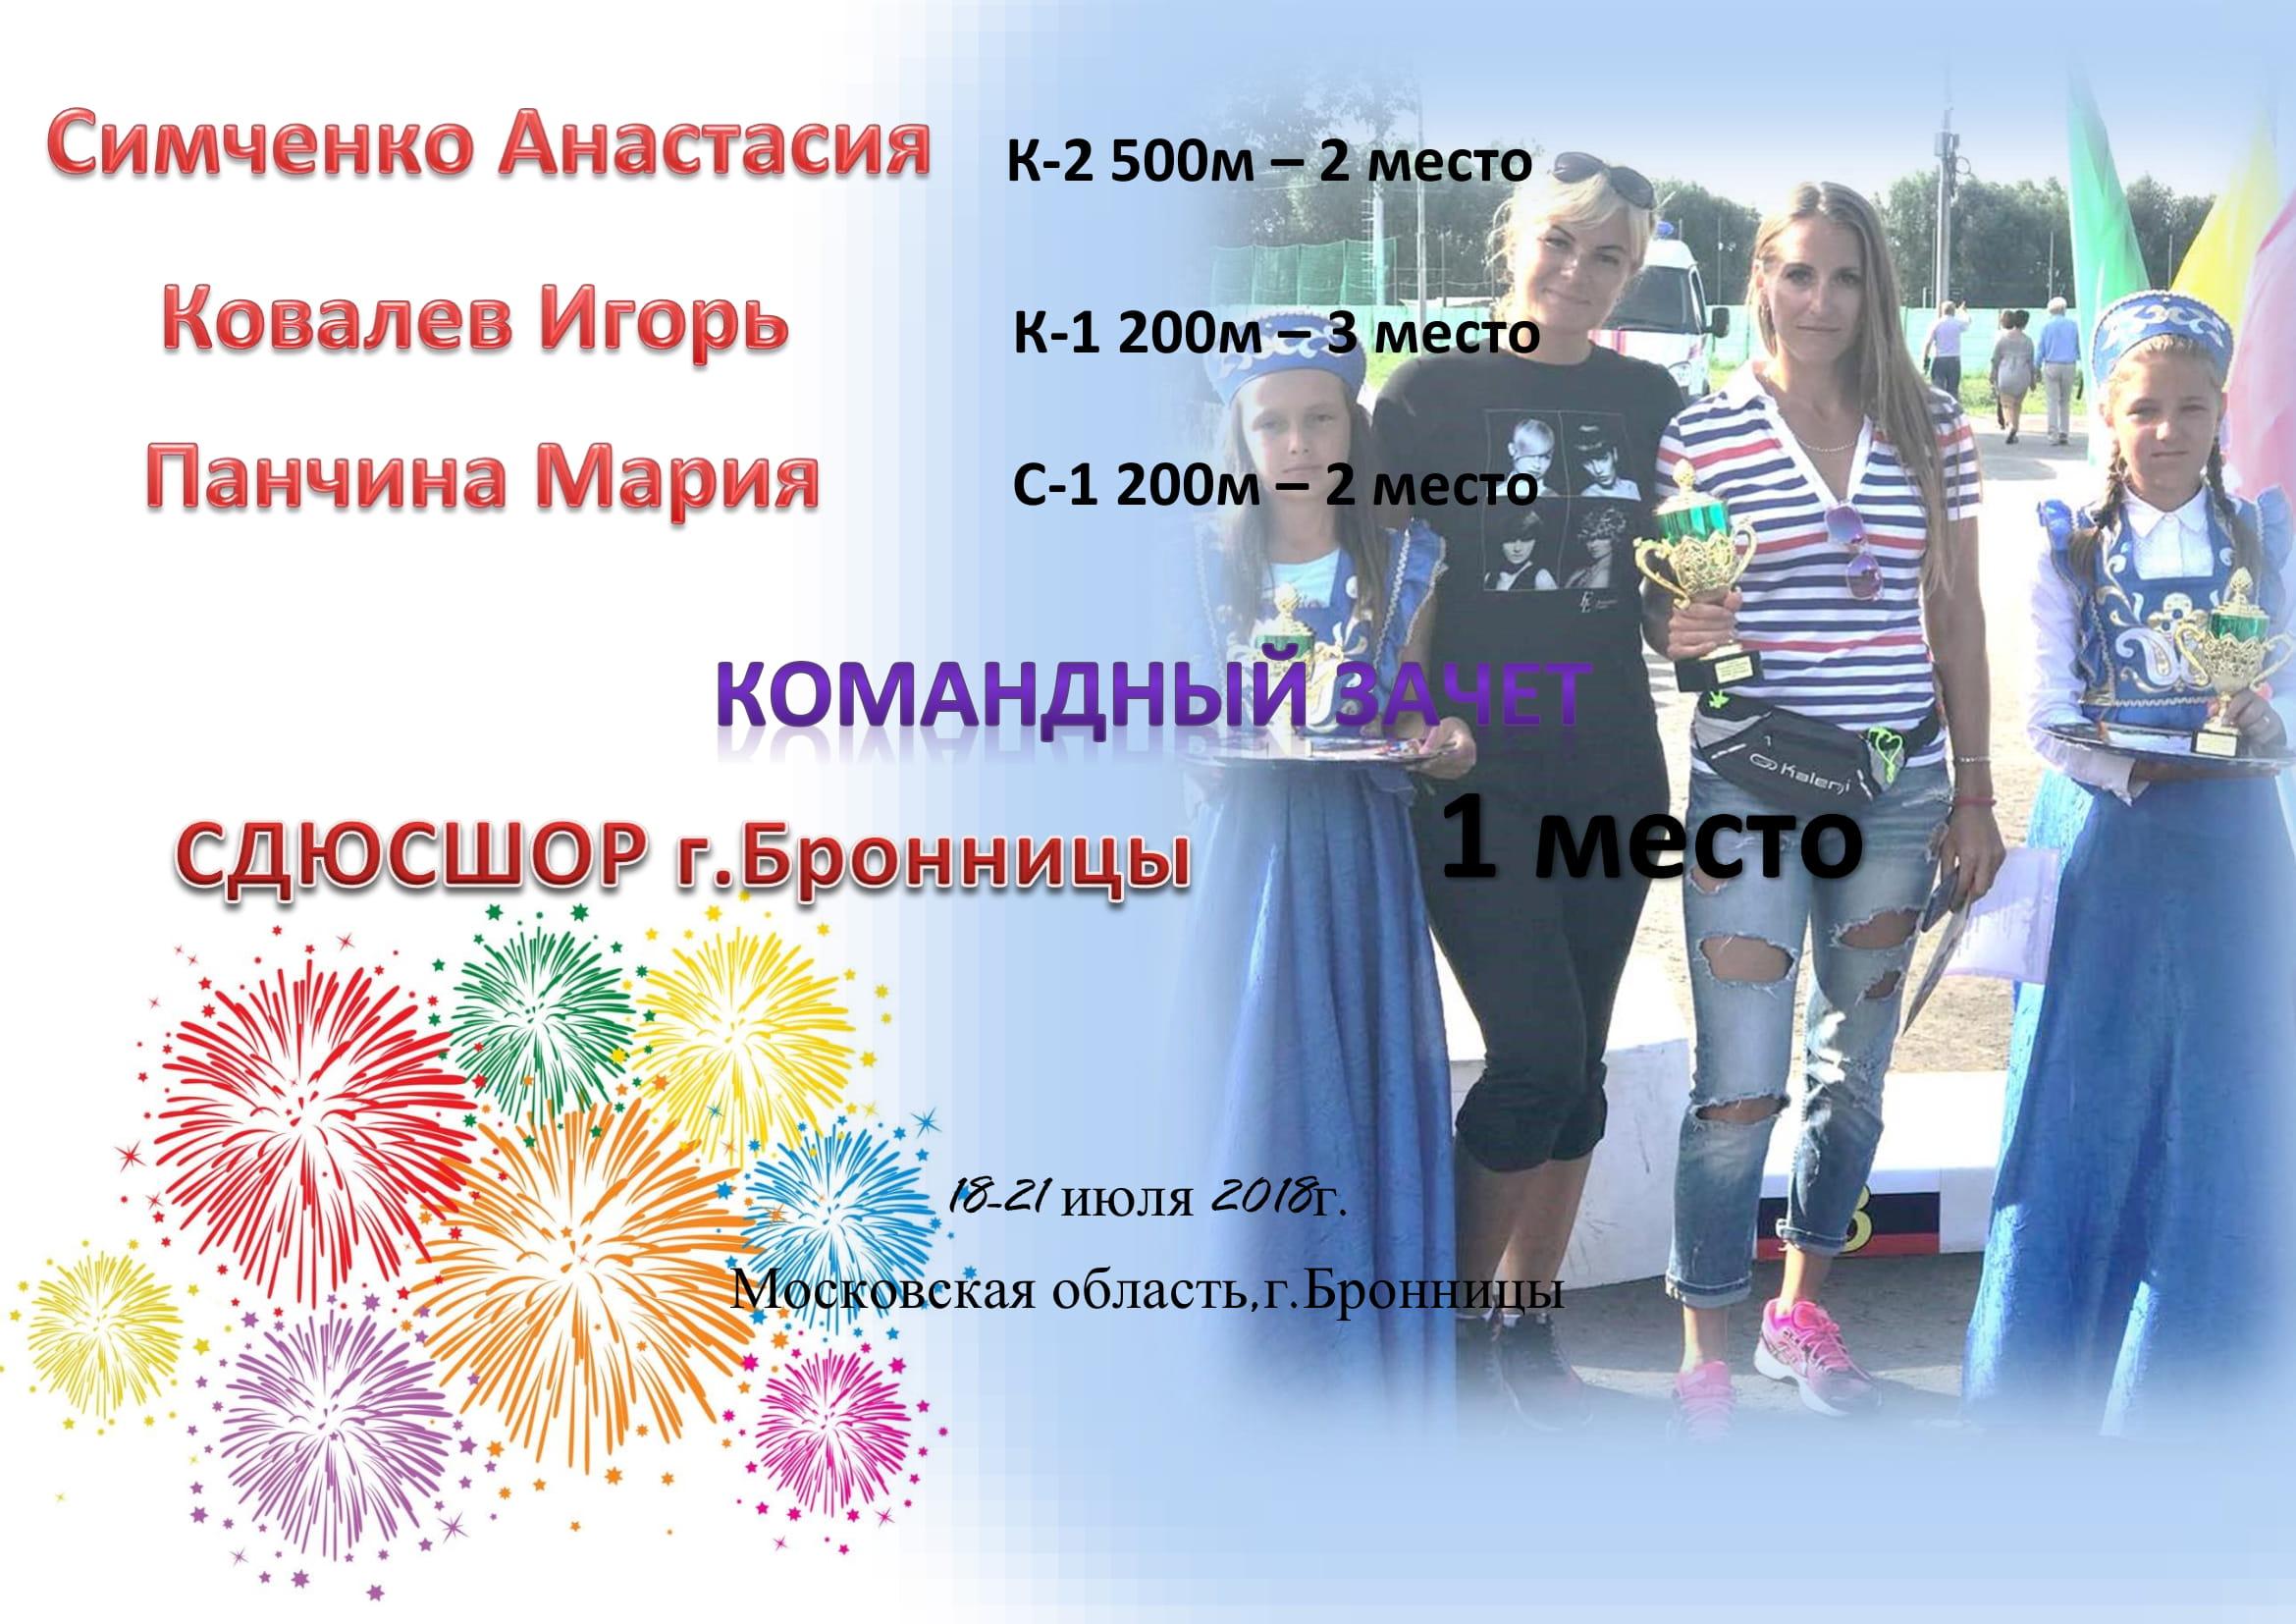 Всероссийские соревнования памяти П.Птицыно-3